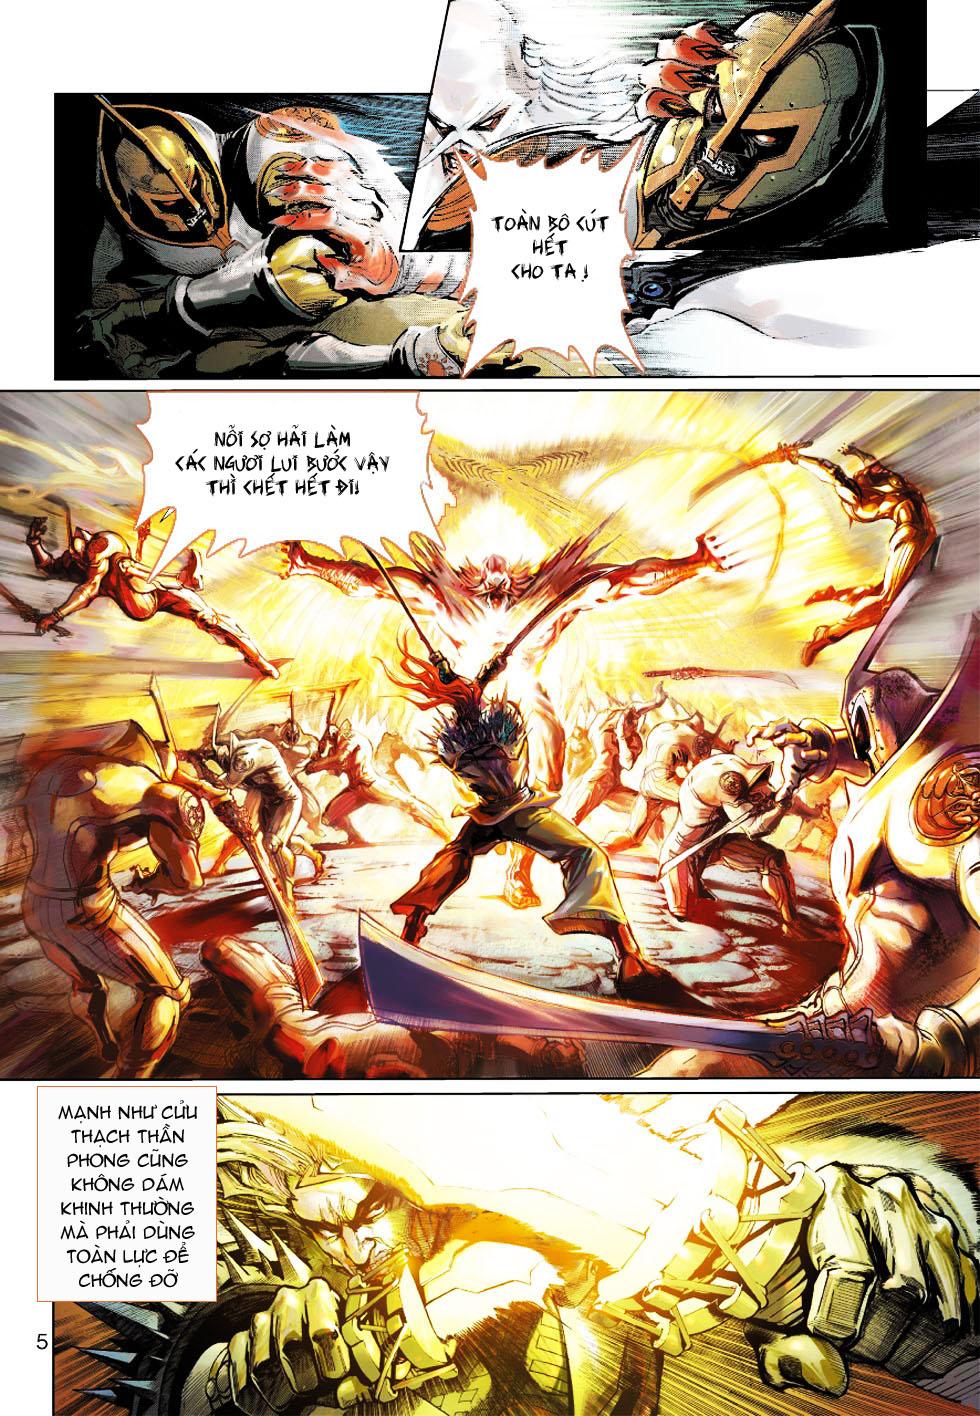 Thần Binh 4 chap 1 - Trang 5